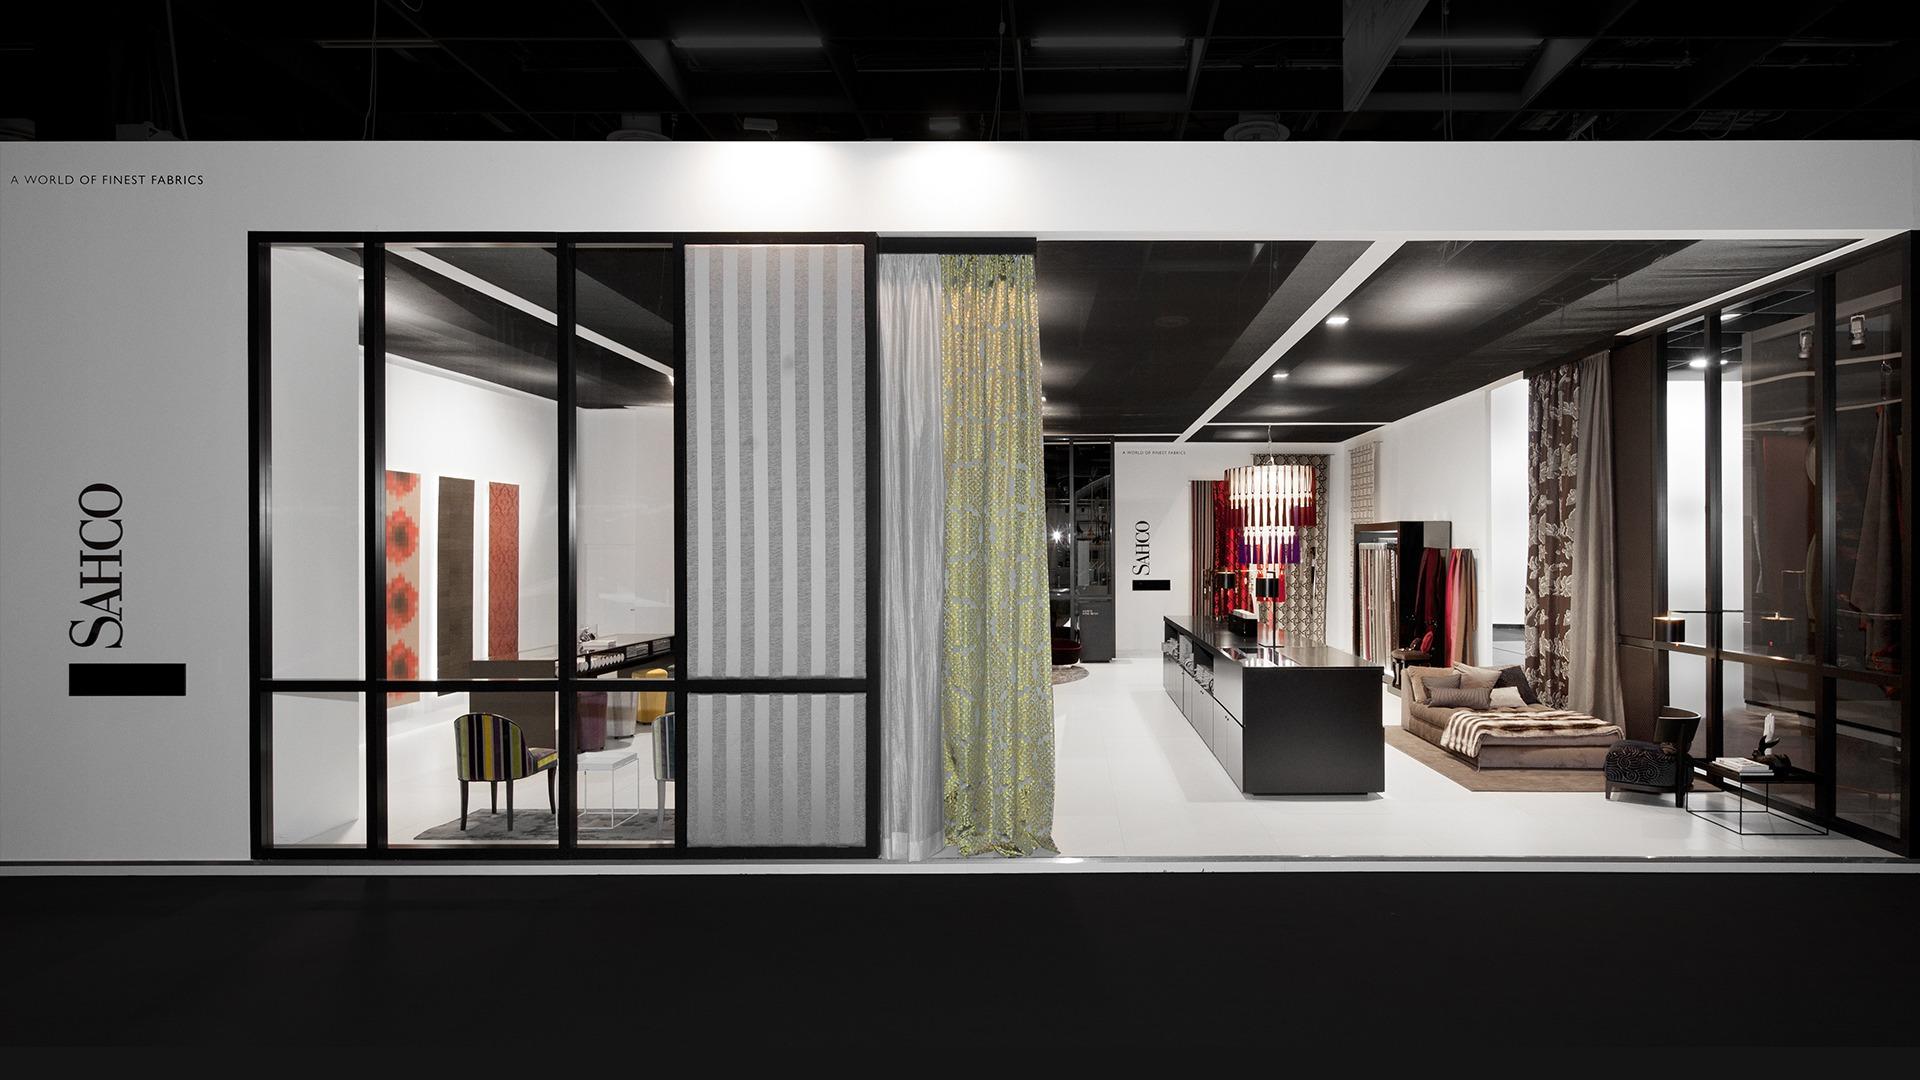 Ausstellungsraum der SAHCO Hesslein GmbH & Co. KG